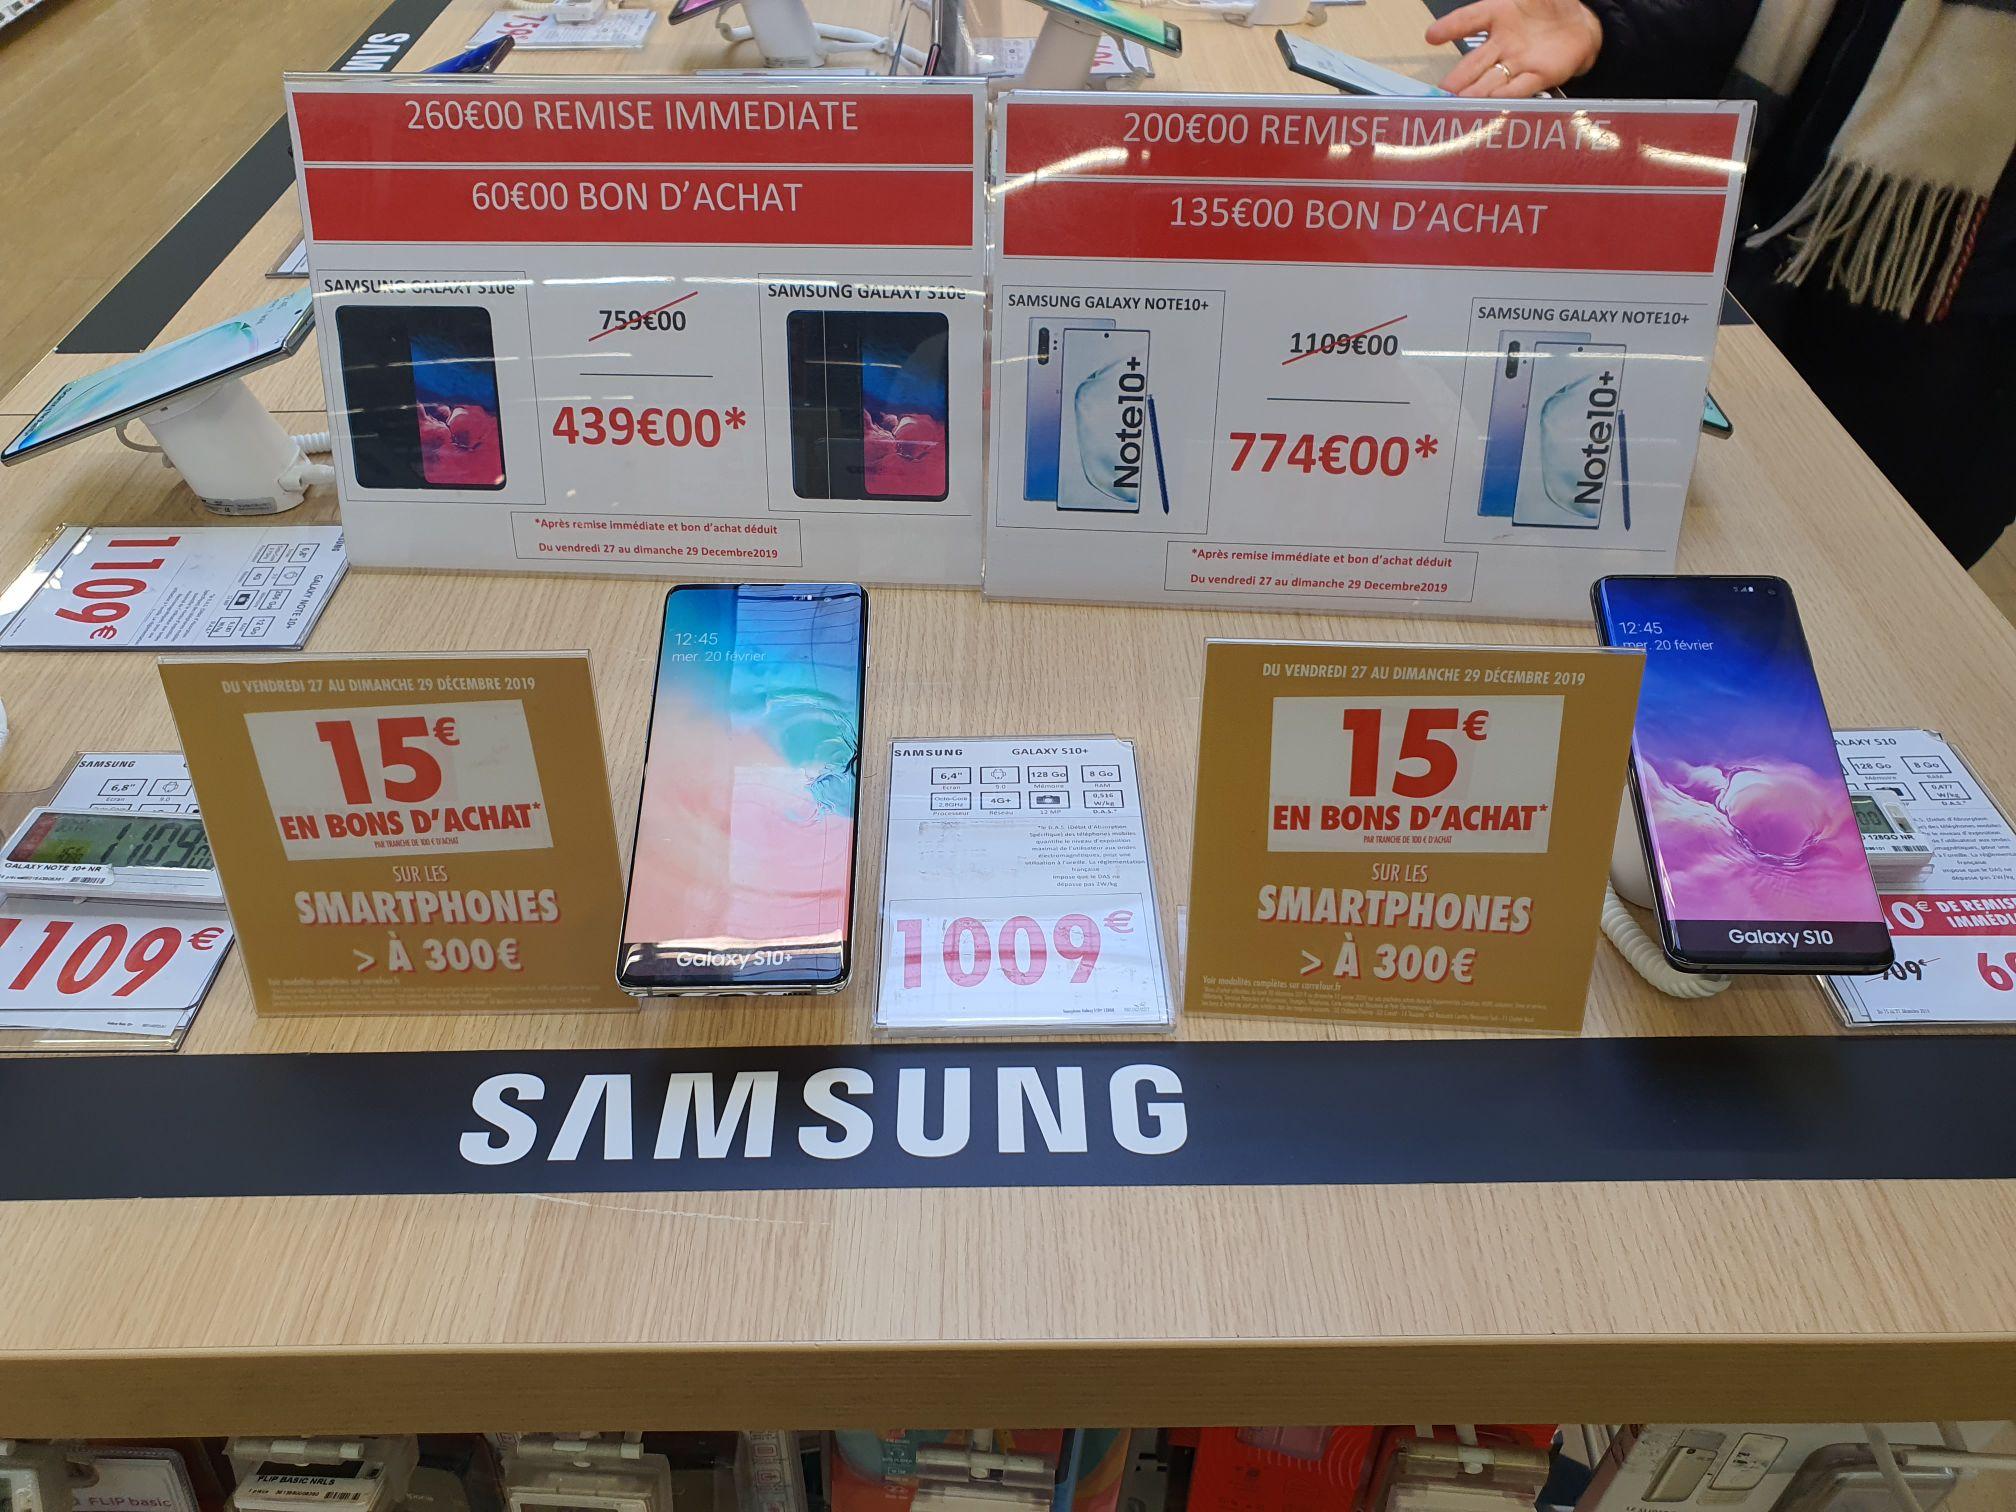 """Smartphone 5.8"""" Samsung Galaxy S10e - 6 Go de RAM, 128 Go (Via 105€ en Bon d'achat) et série S et Note"""